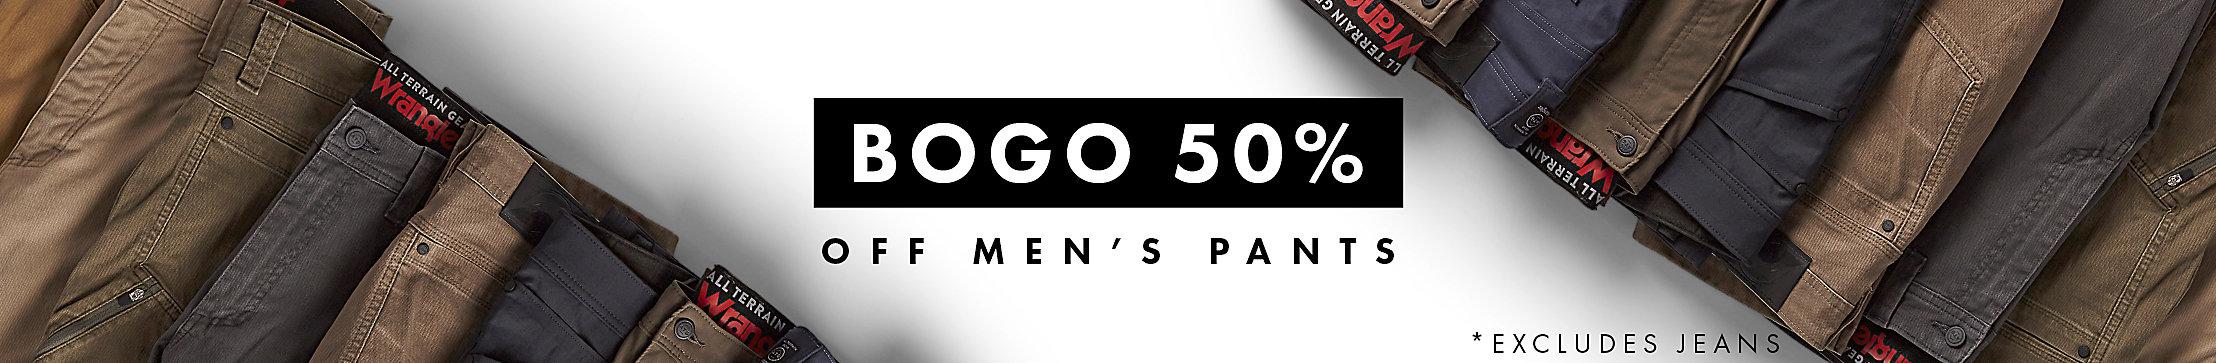 Buy One, Get One 50% Off Men's Pants| Wrangler